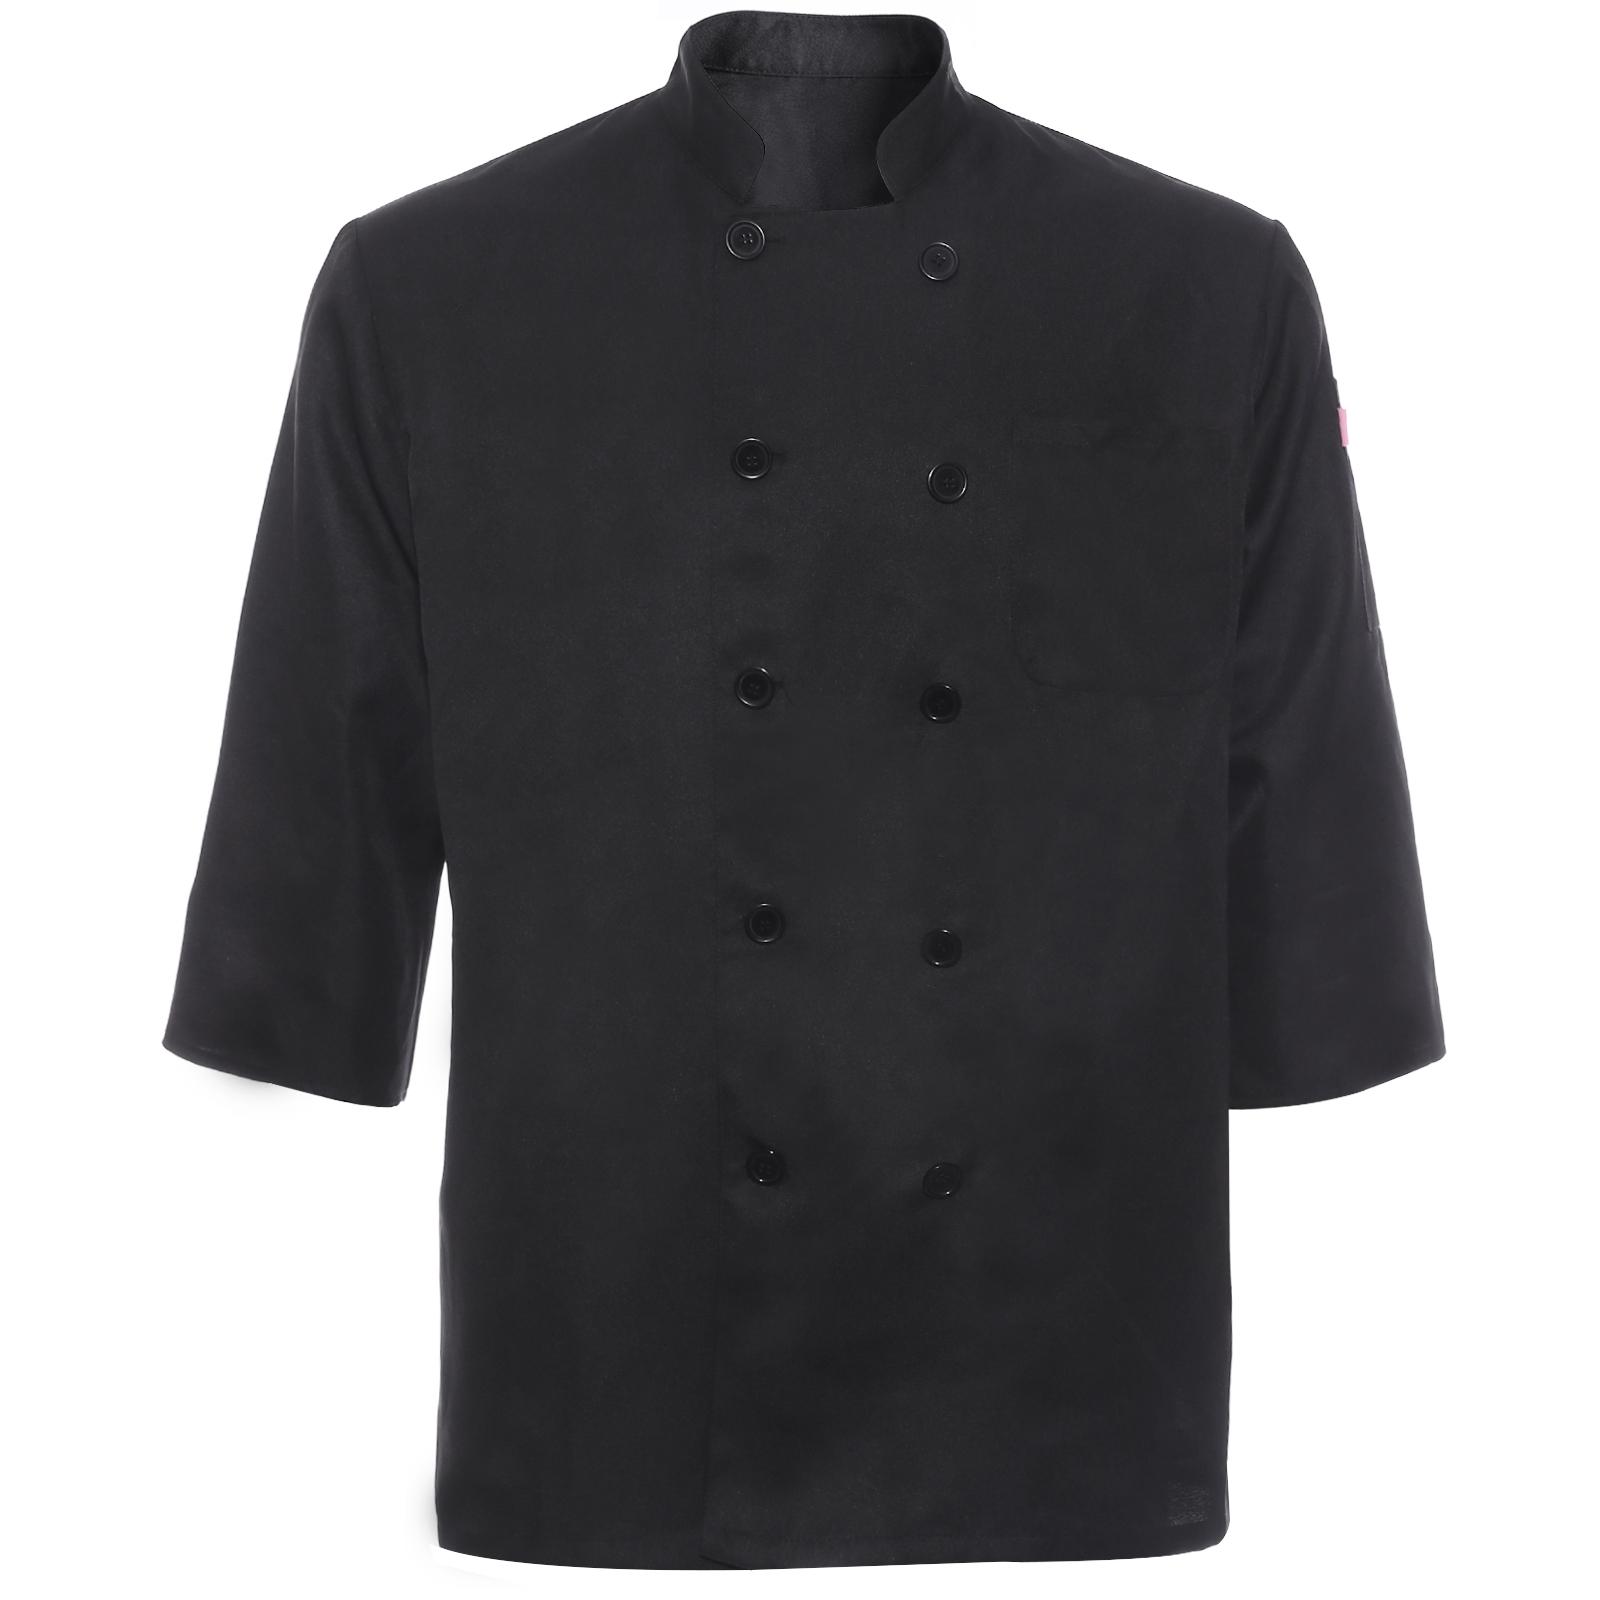 Unisex Kitchen Chef Uniform Top Jacket Coat Cooker Work